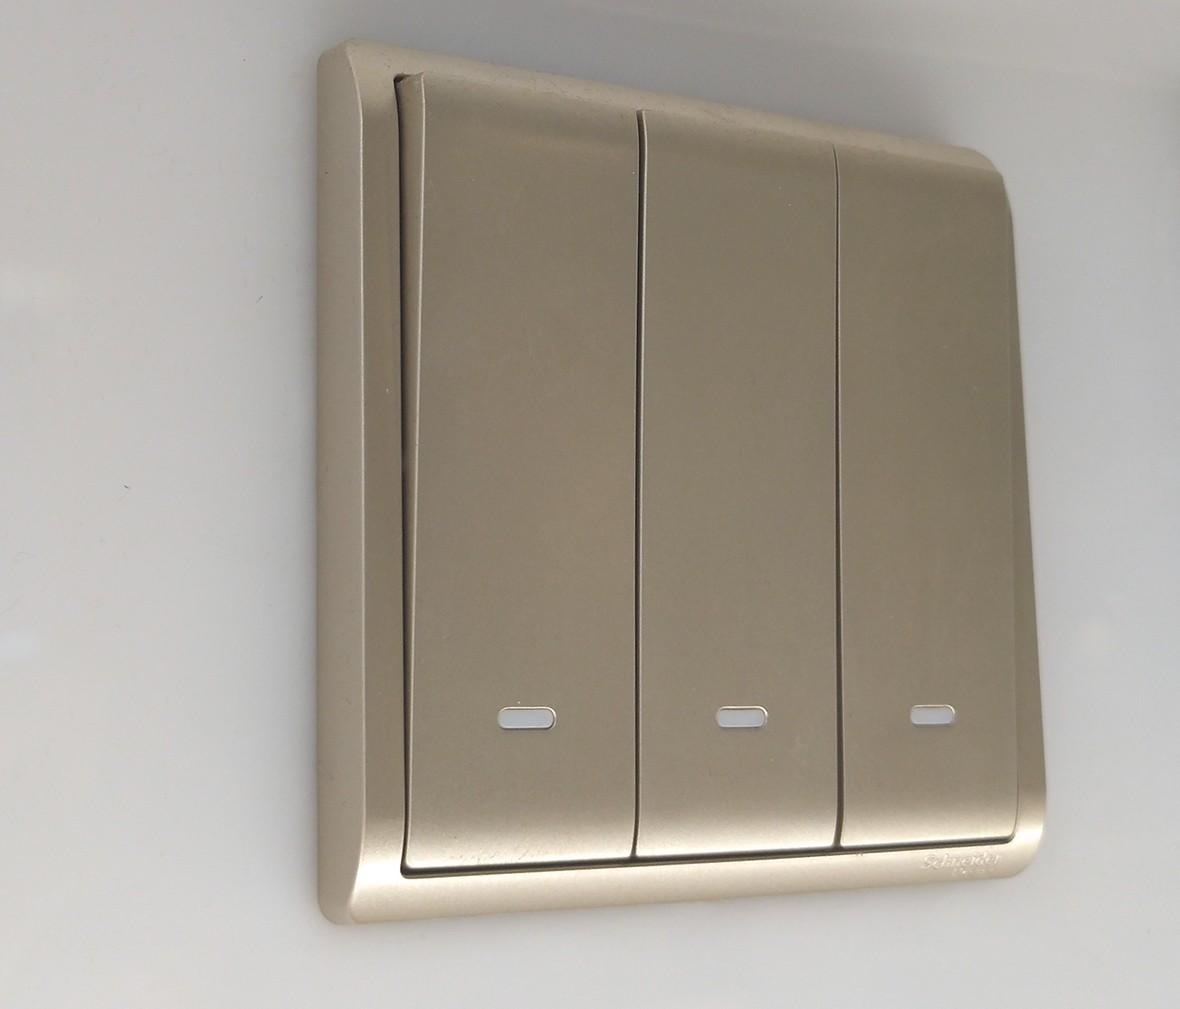 施耐德 丰尚系列 三开开关 PC材质 耐高温 防漏电 安全开关